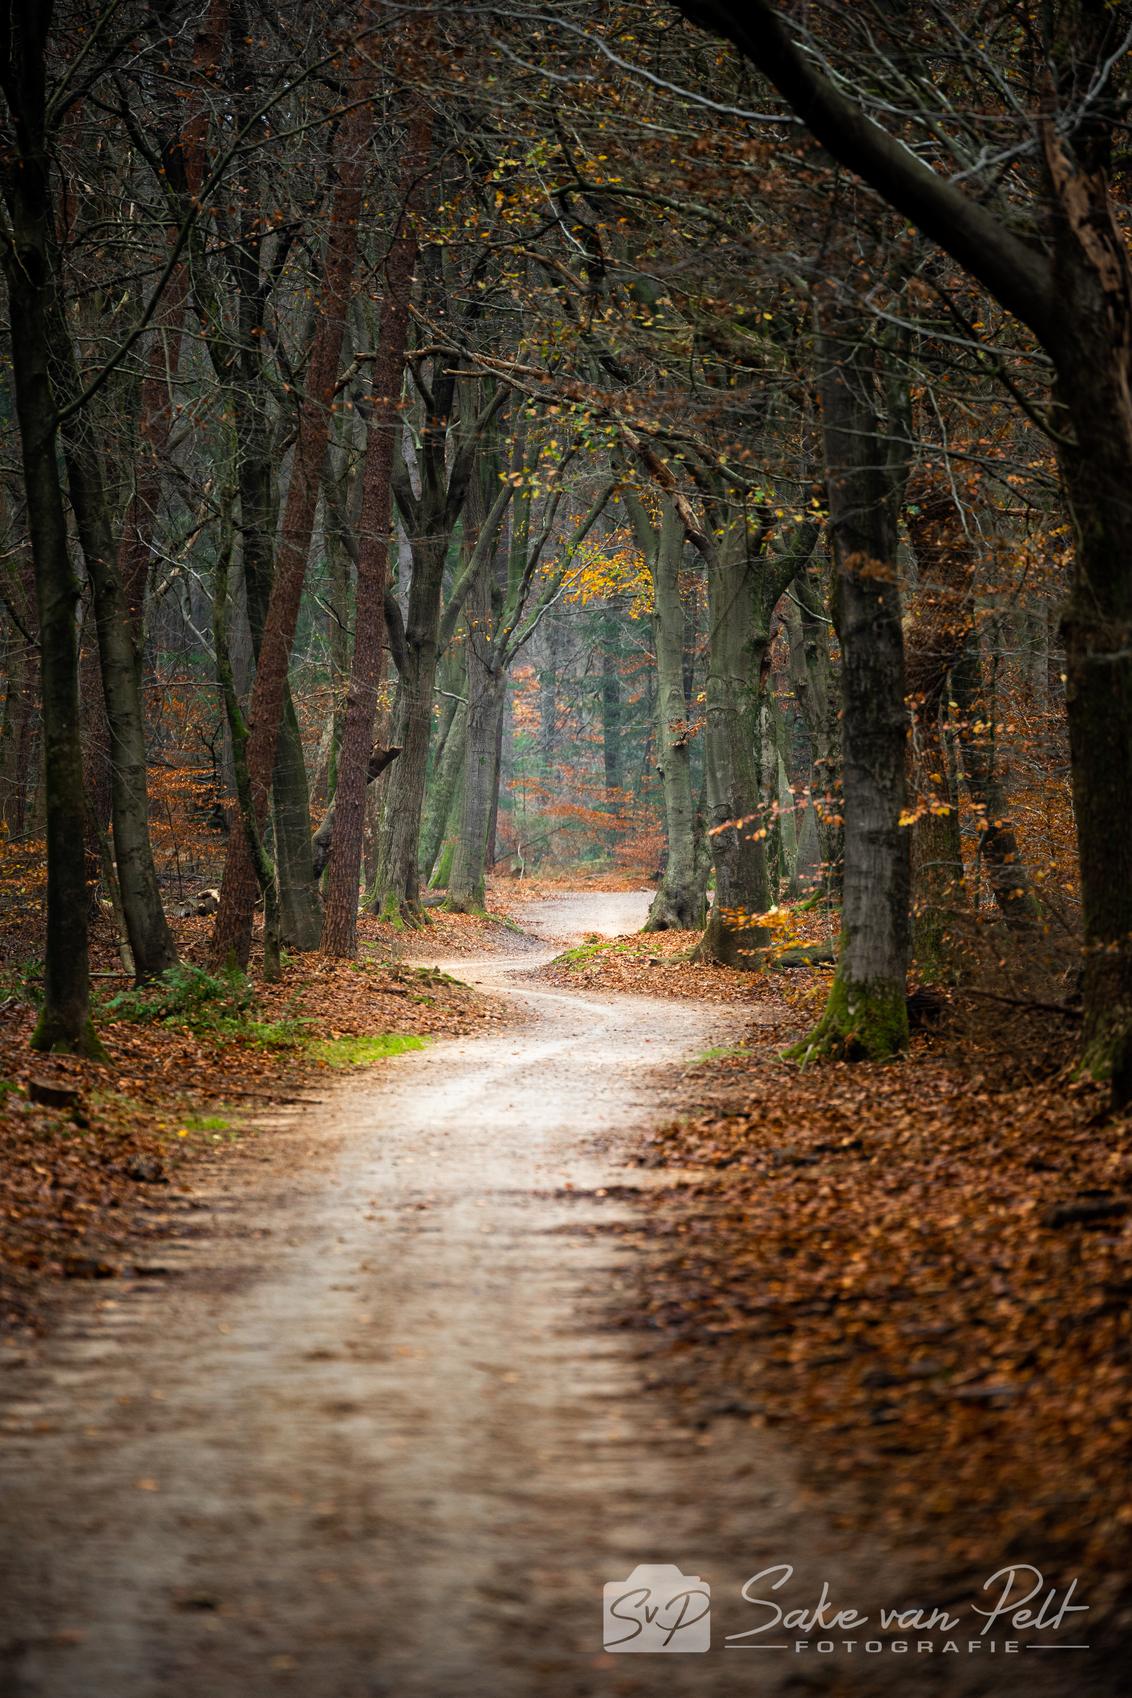 De Weg gaat Recht de Weg gaat Krom - Heerlijk om te zien dat er besloten is om het paadje niet helemaal recht te trekken - foto door Sake-van-Pelt op 01-12-2020 - deze foto bevat: groen, lucht, wolken, zon, boom, bladeren, natuur, geel, licht, herfst, bospad, blad, vakantie, landschap, bos, pad, beukenlaan, beuk, nederland, weg, kaal, laan, speulderbos, bosweg, seizoen, seizoenen, beuken, slingerweg, slingeren